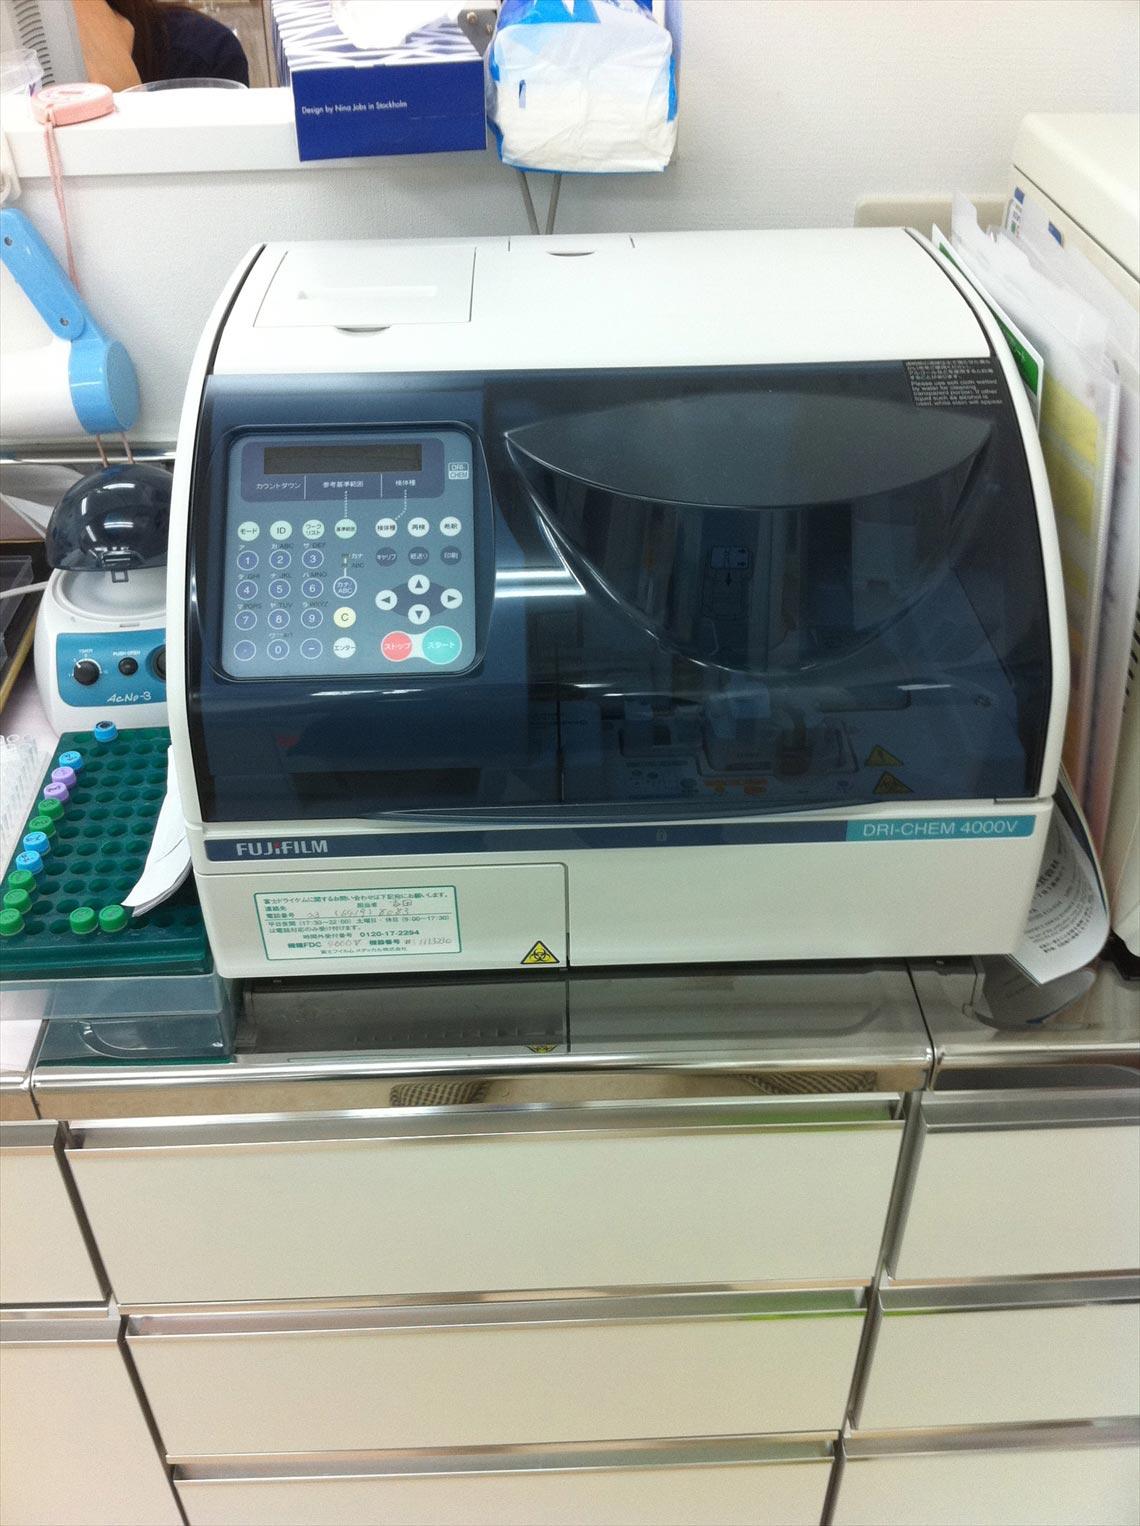 ドライケム(血液化学検査機器)